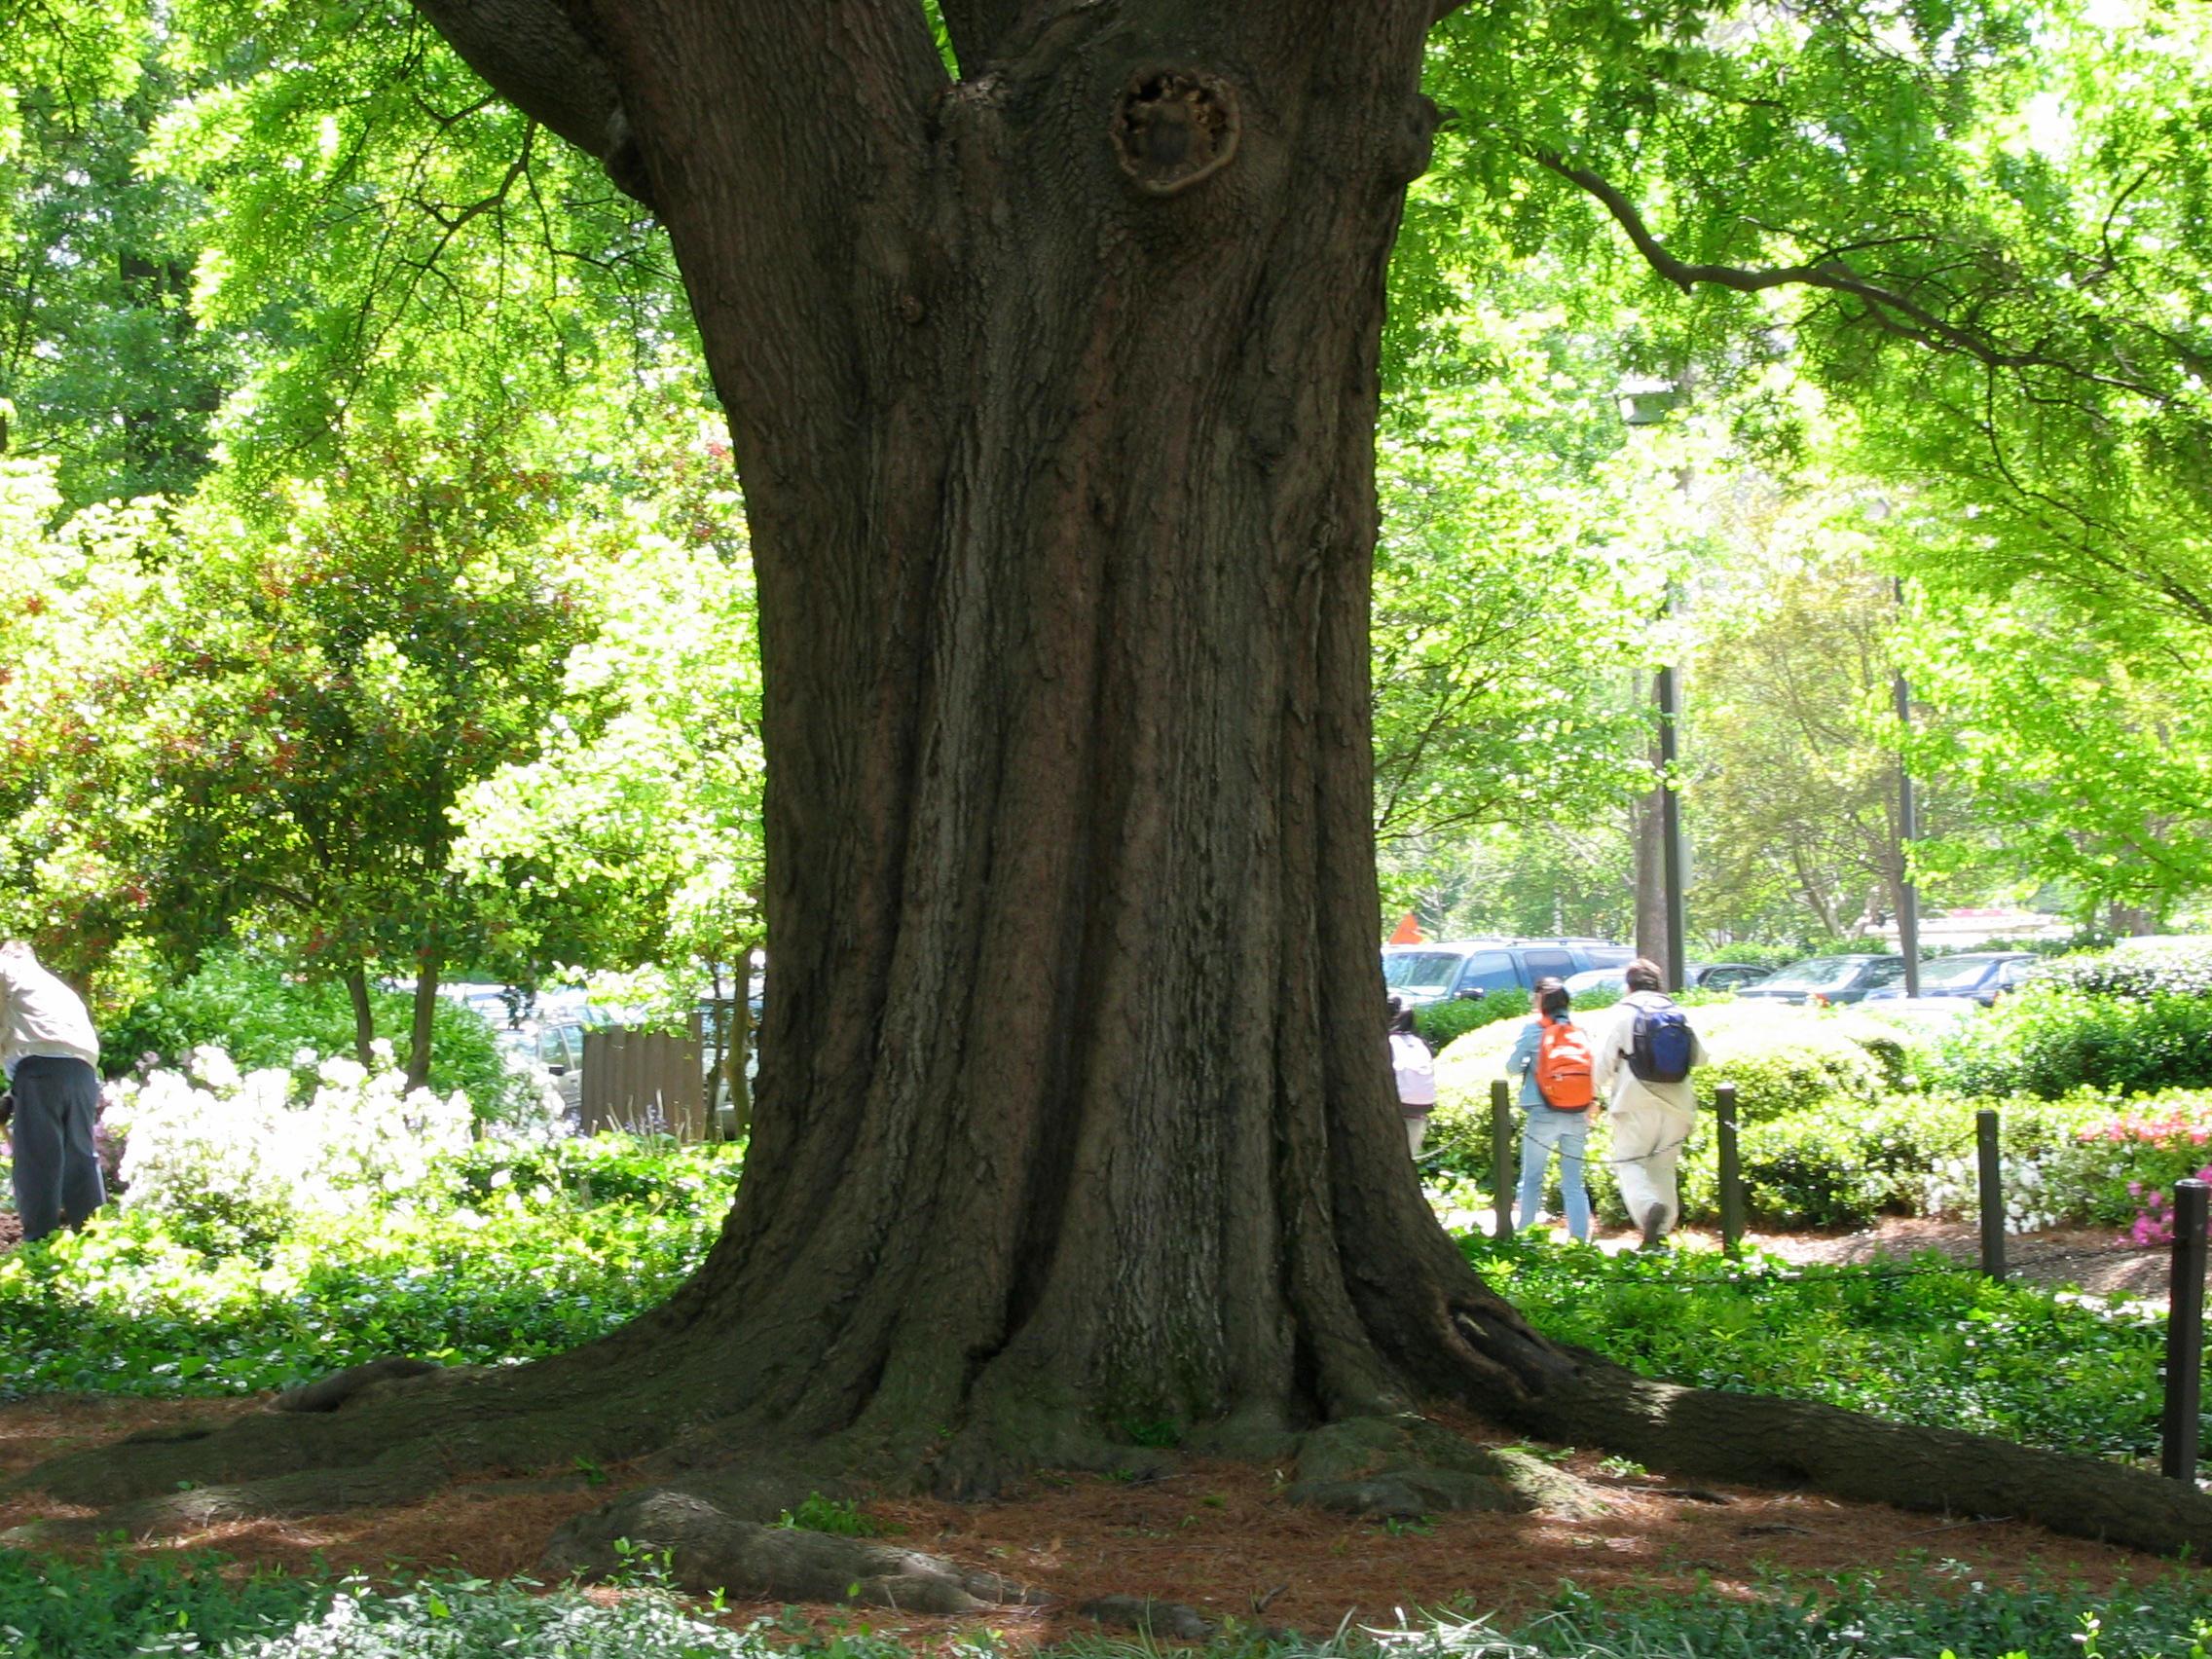 <b>Tree trunk</b>